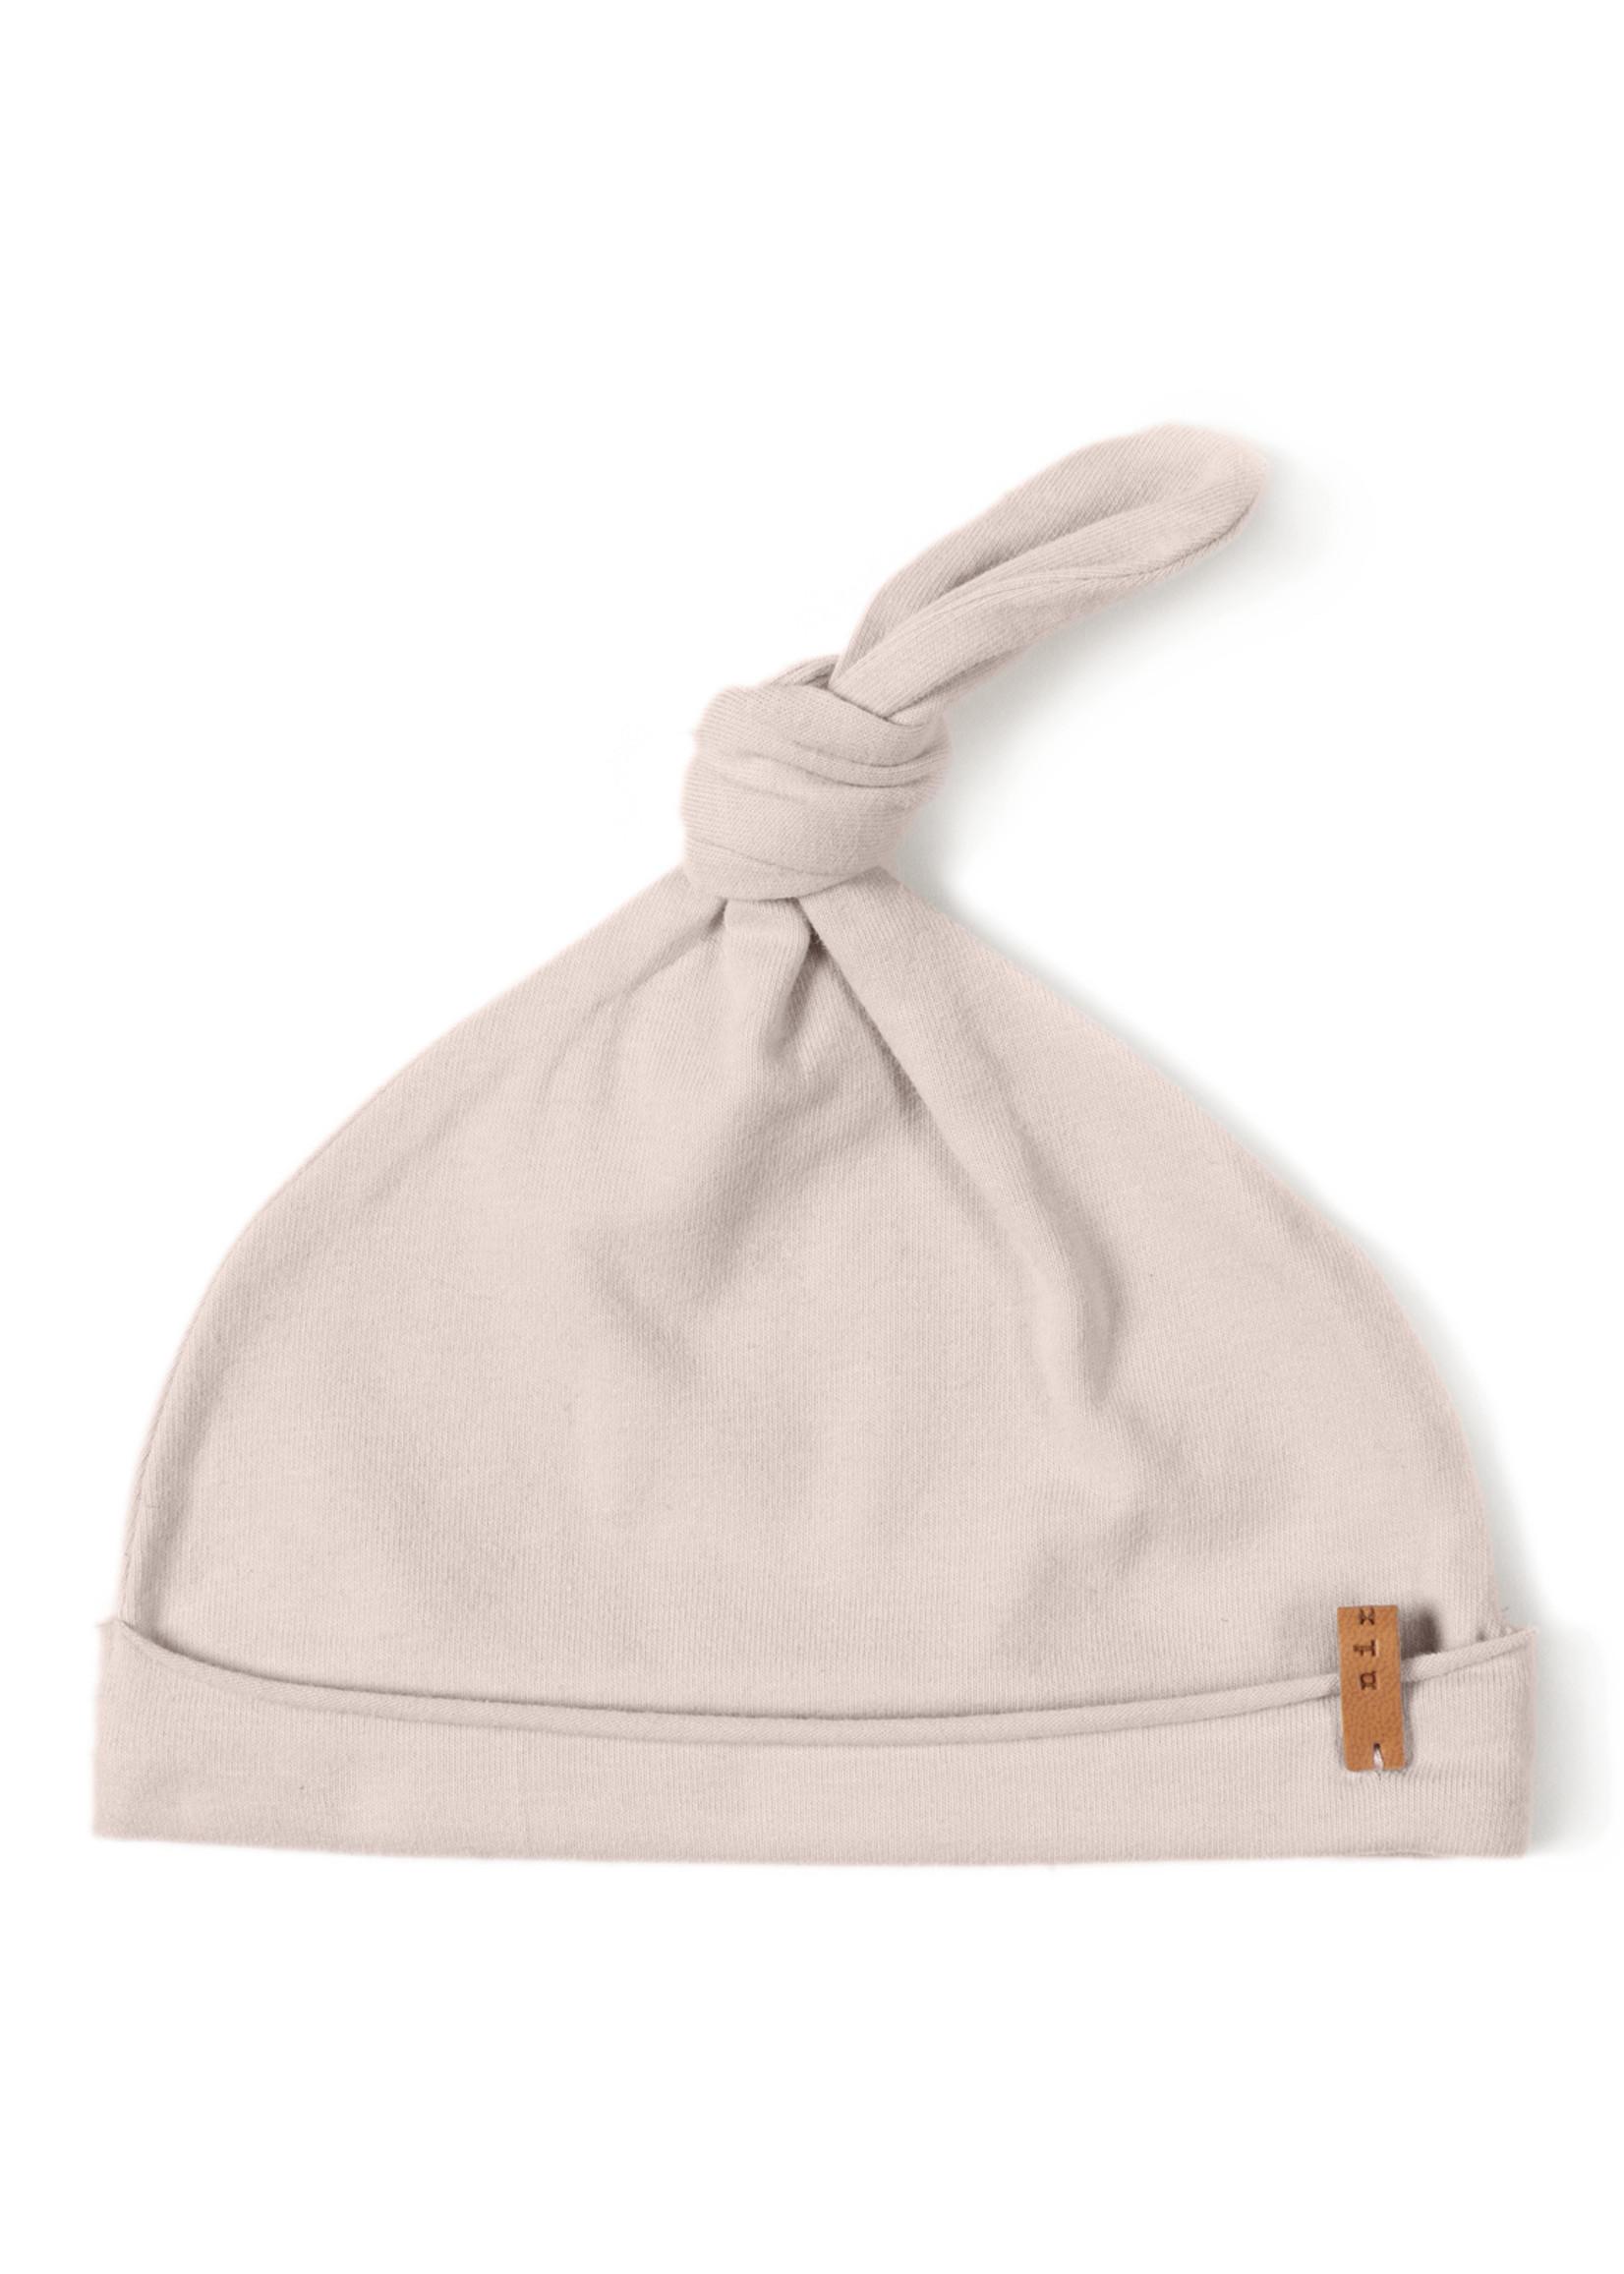 Nixnut Newbie Hat - Old Pink